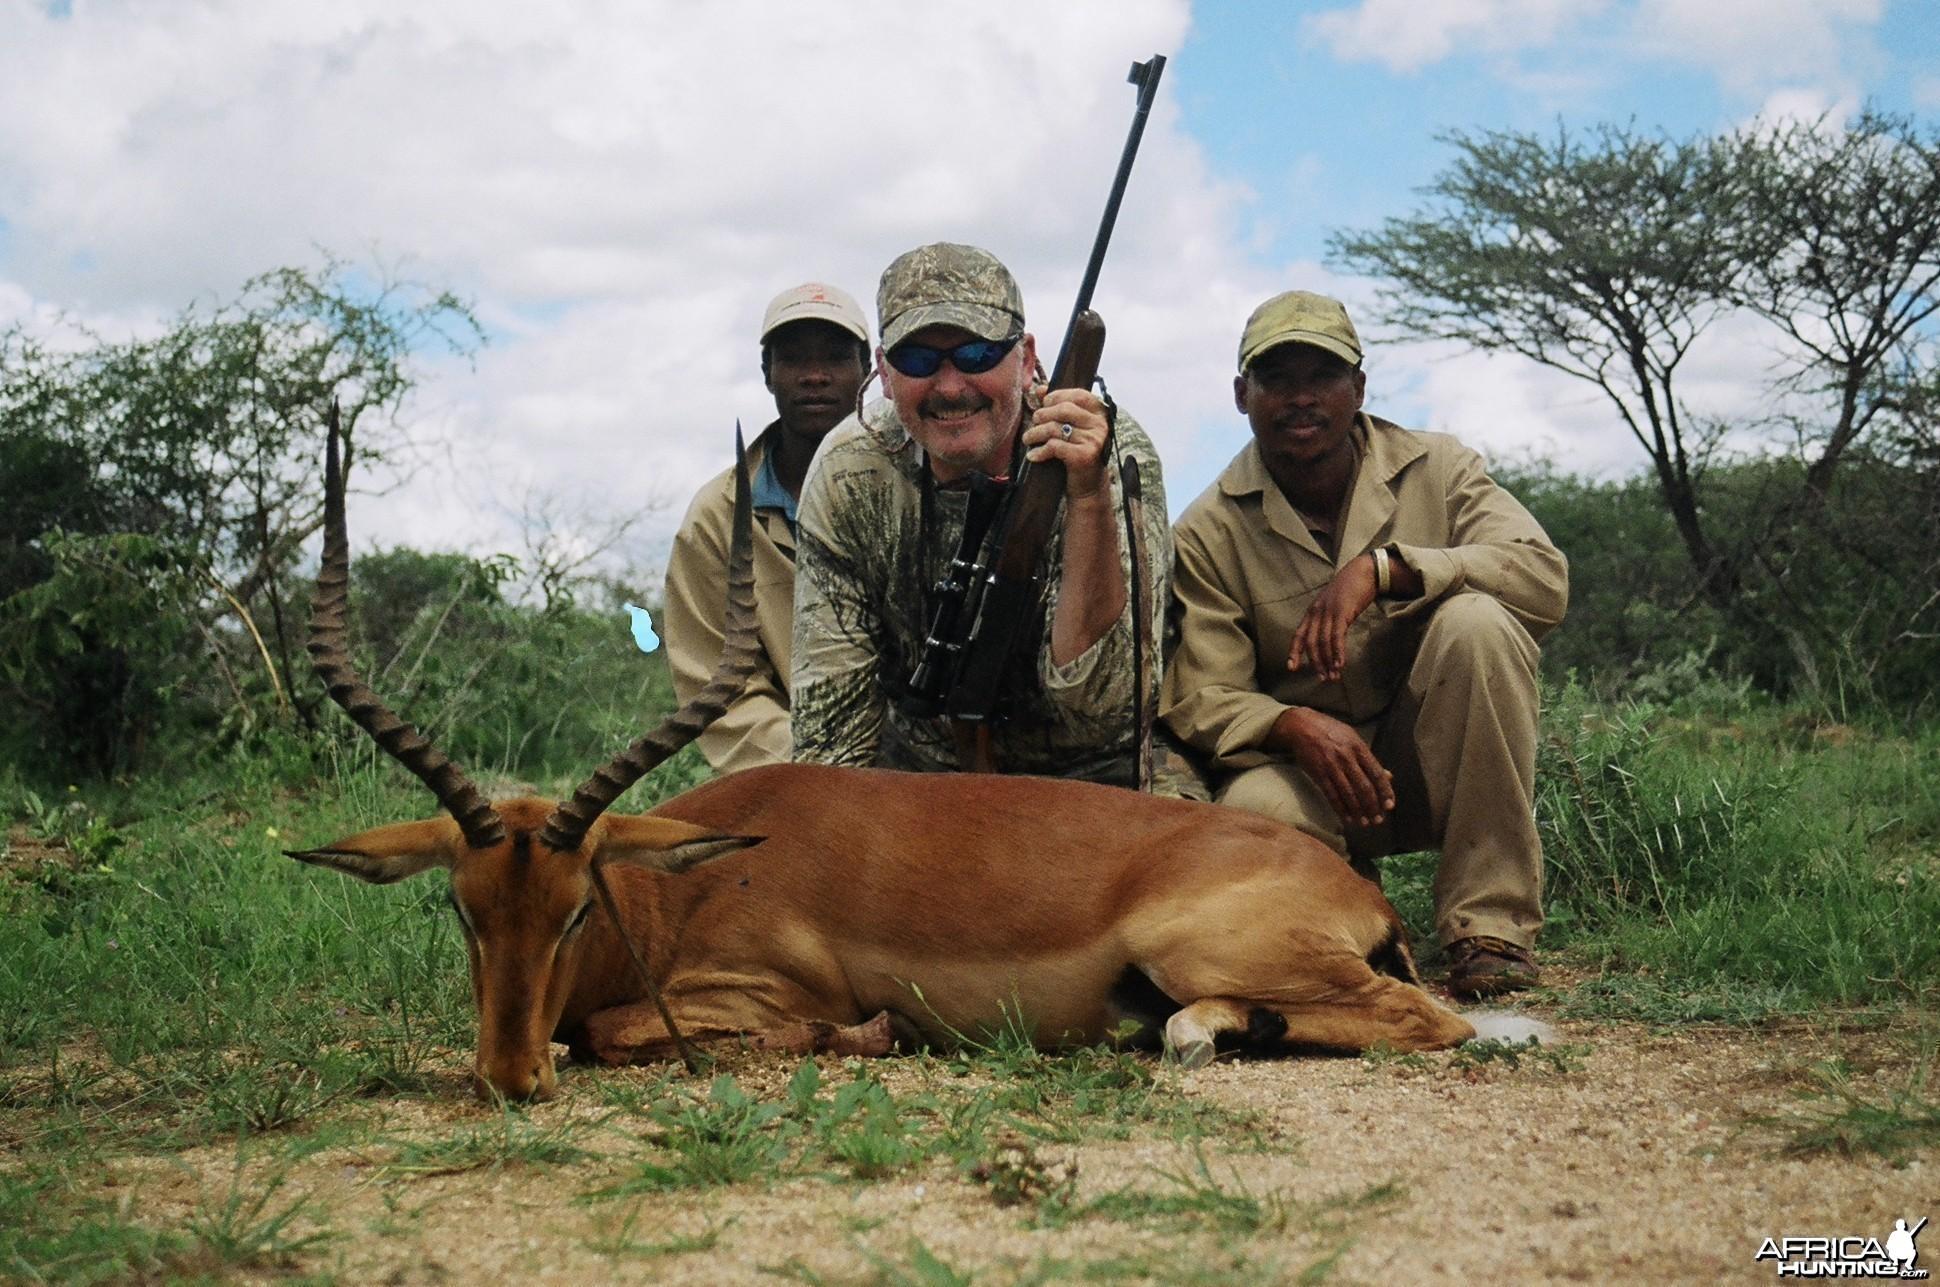 Impala/Namibia